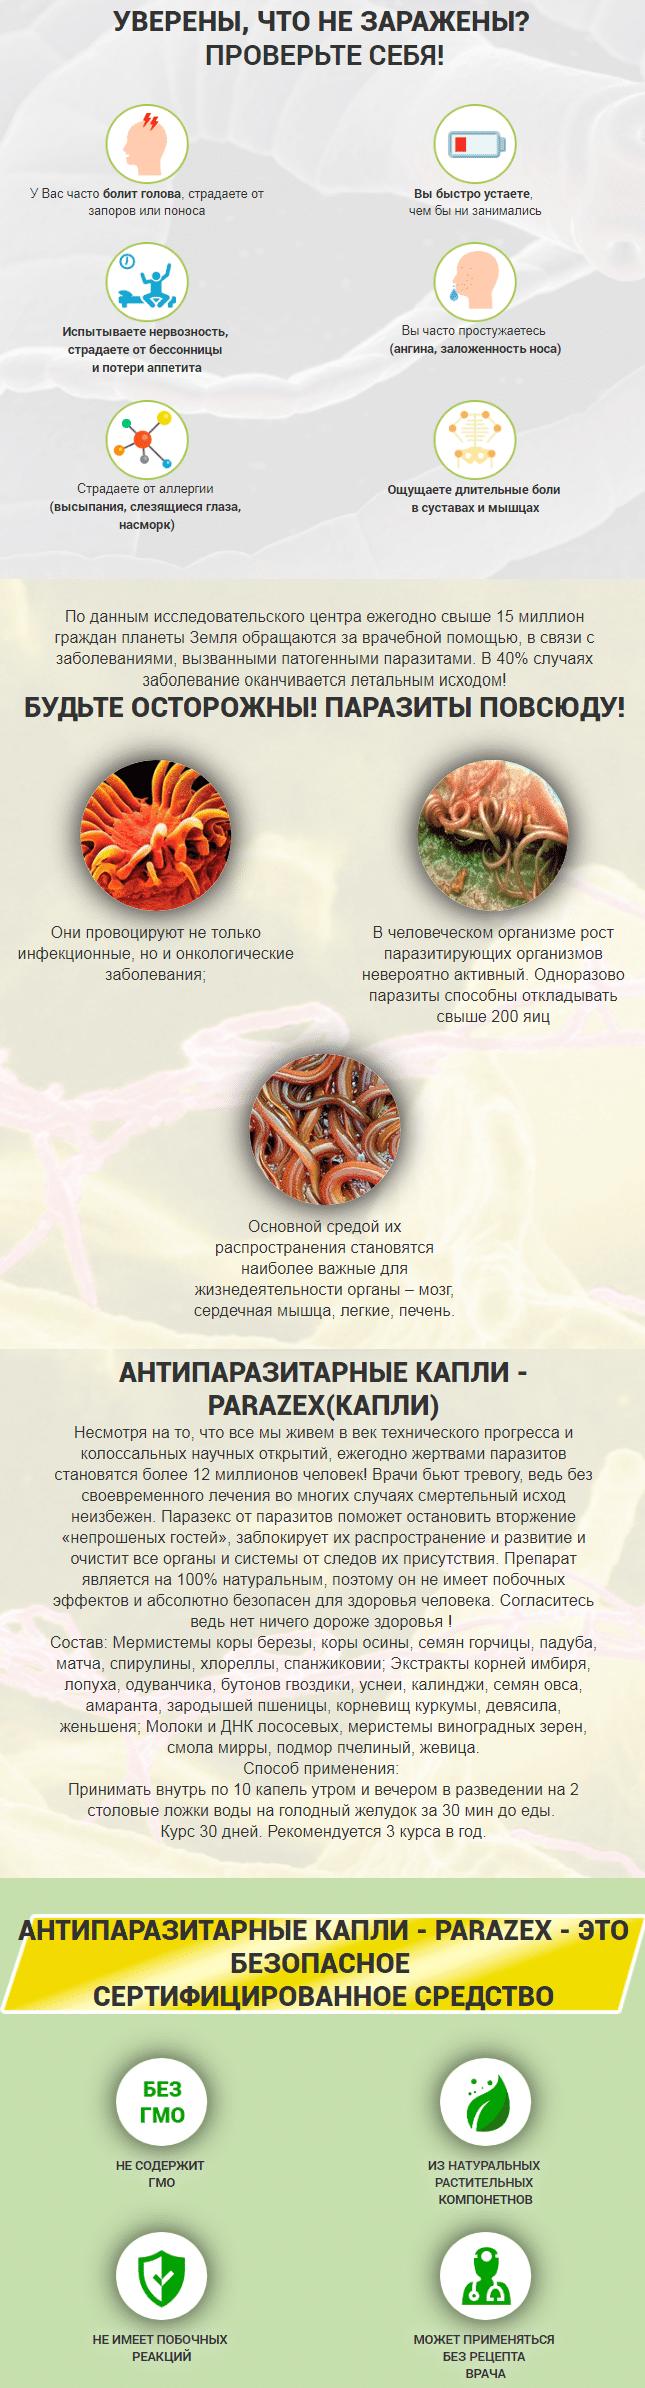 Антипаразитарные капли Parazex в Темиртау